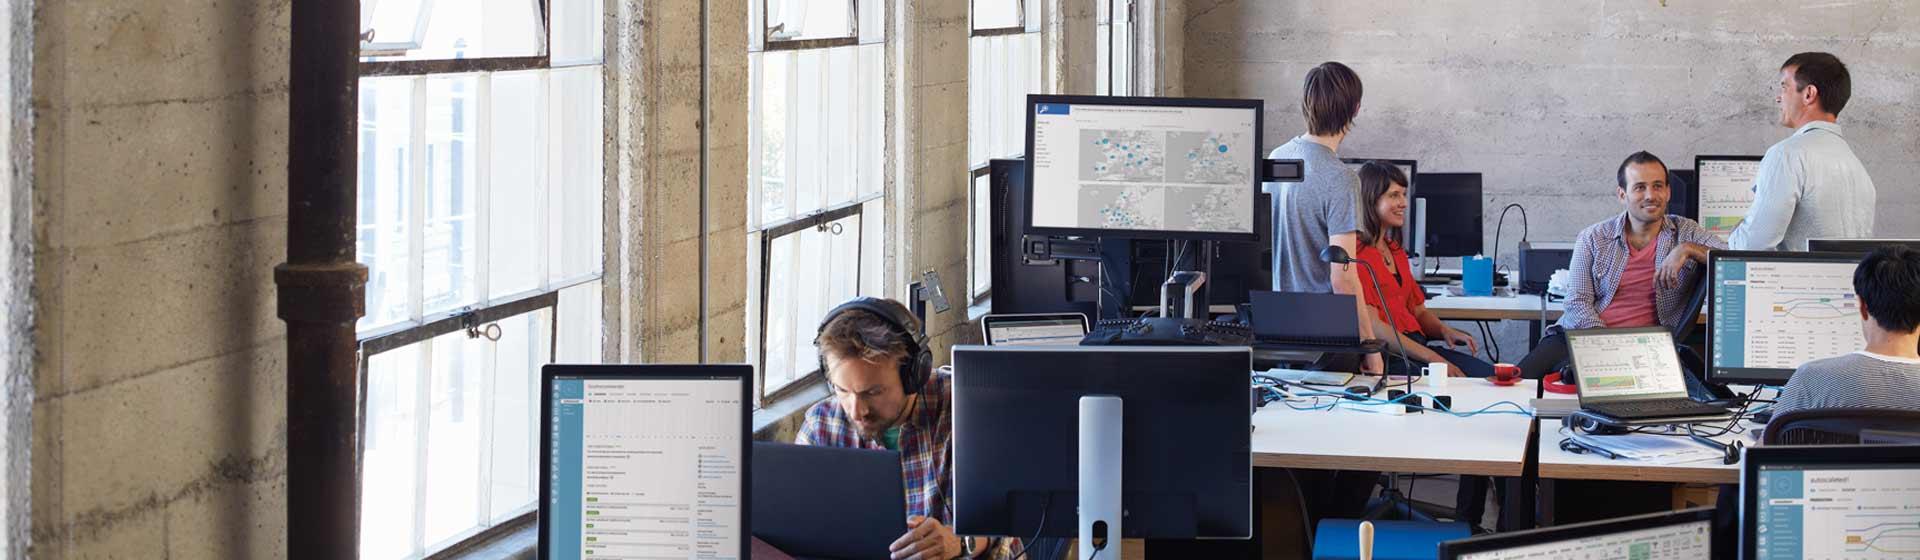 Gruppo di colleghi seduti e in piedi accanto alle loro scrivanie in un ufficio pieno di computer che eseguono Office 365